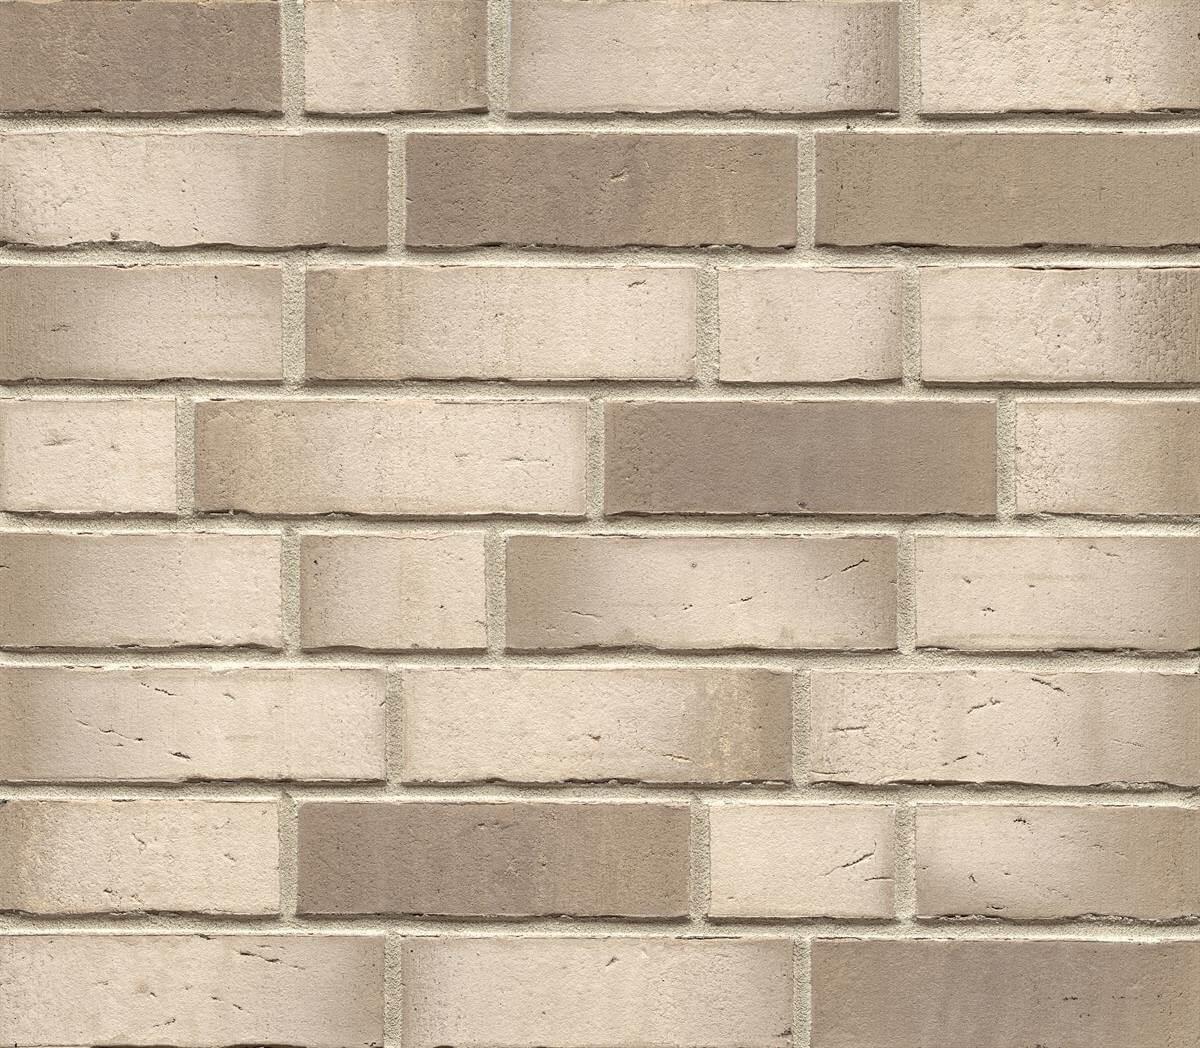 Feldhaus Klinker - R941NF14, Vario Argo Albula, 240х71х14 - Клинкерная плитка для фасада и внутренней отделки